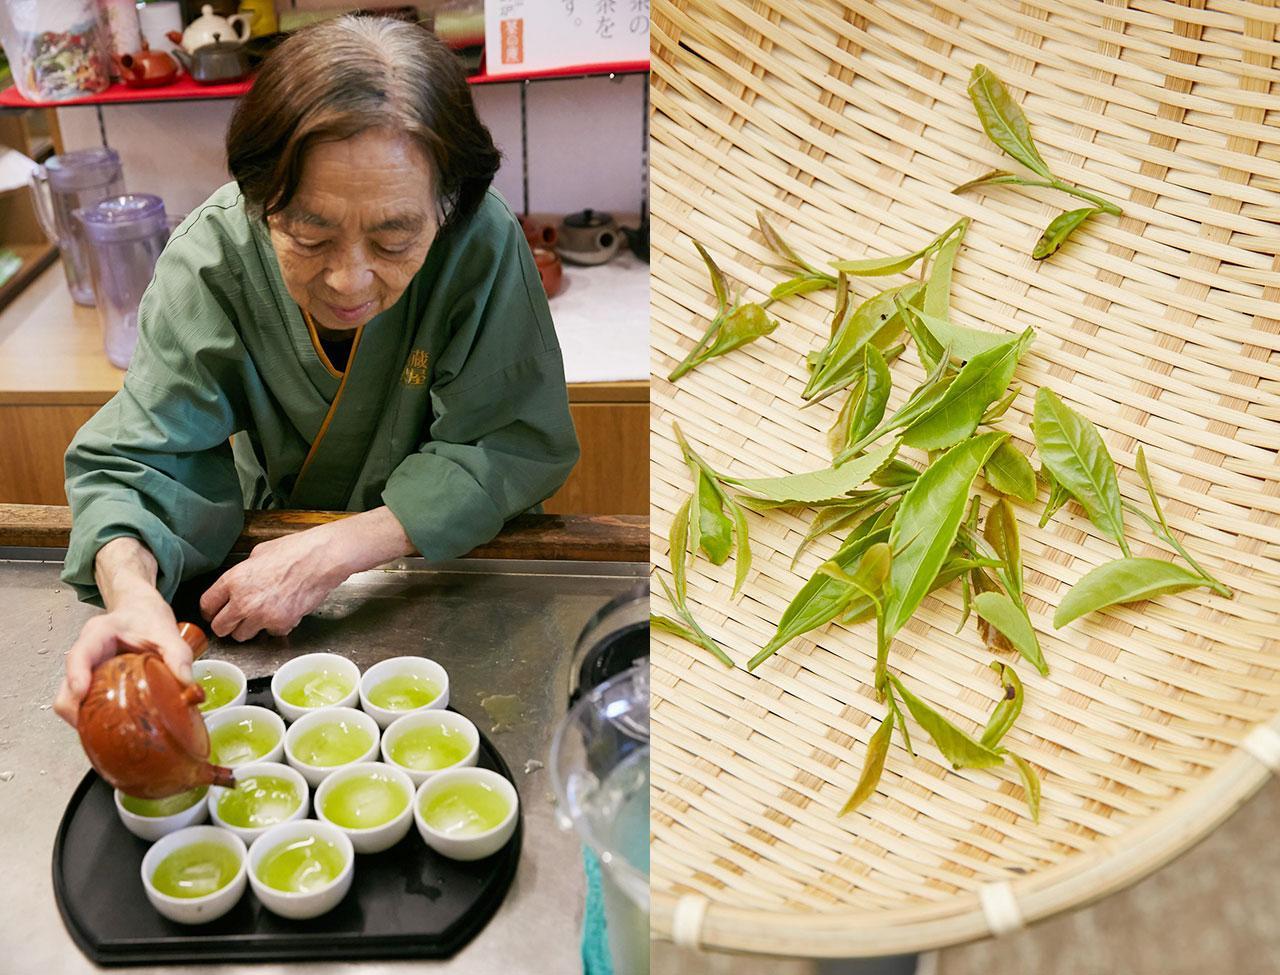 หญิงชราชาวญี่ปุ่น สาธิตวิธีชงชาแบบโบราณ